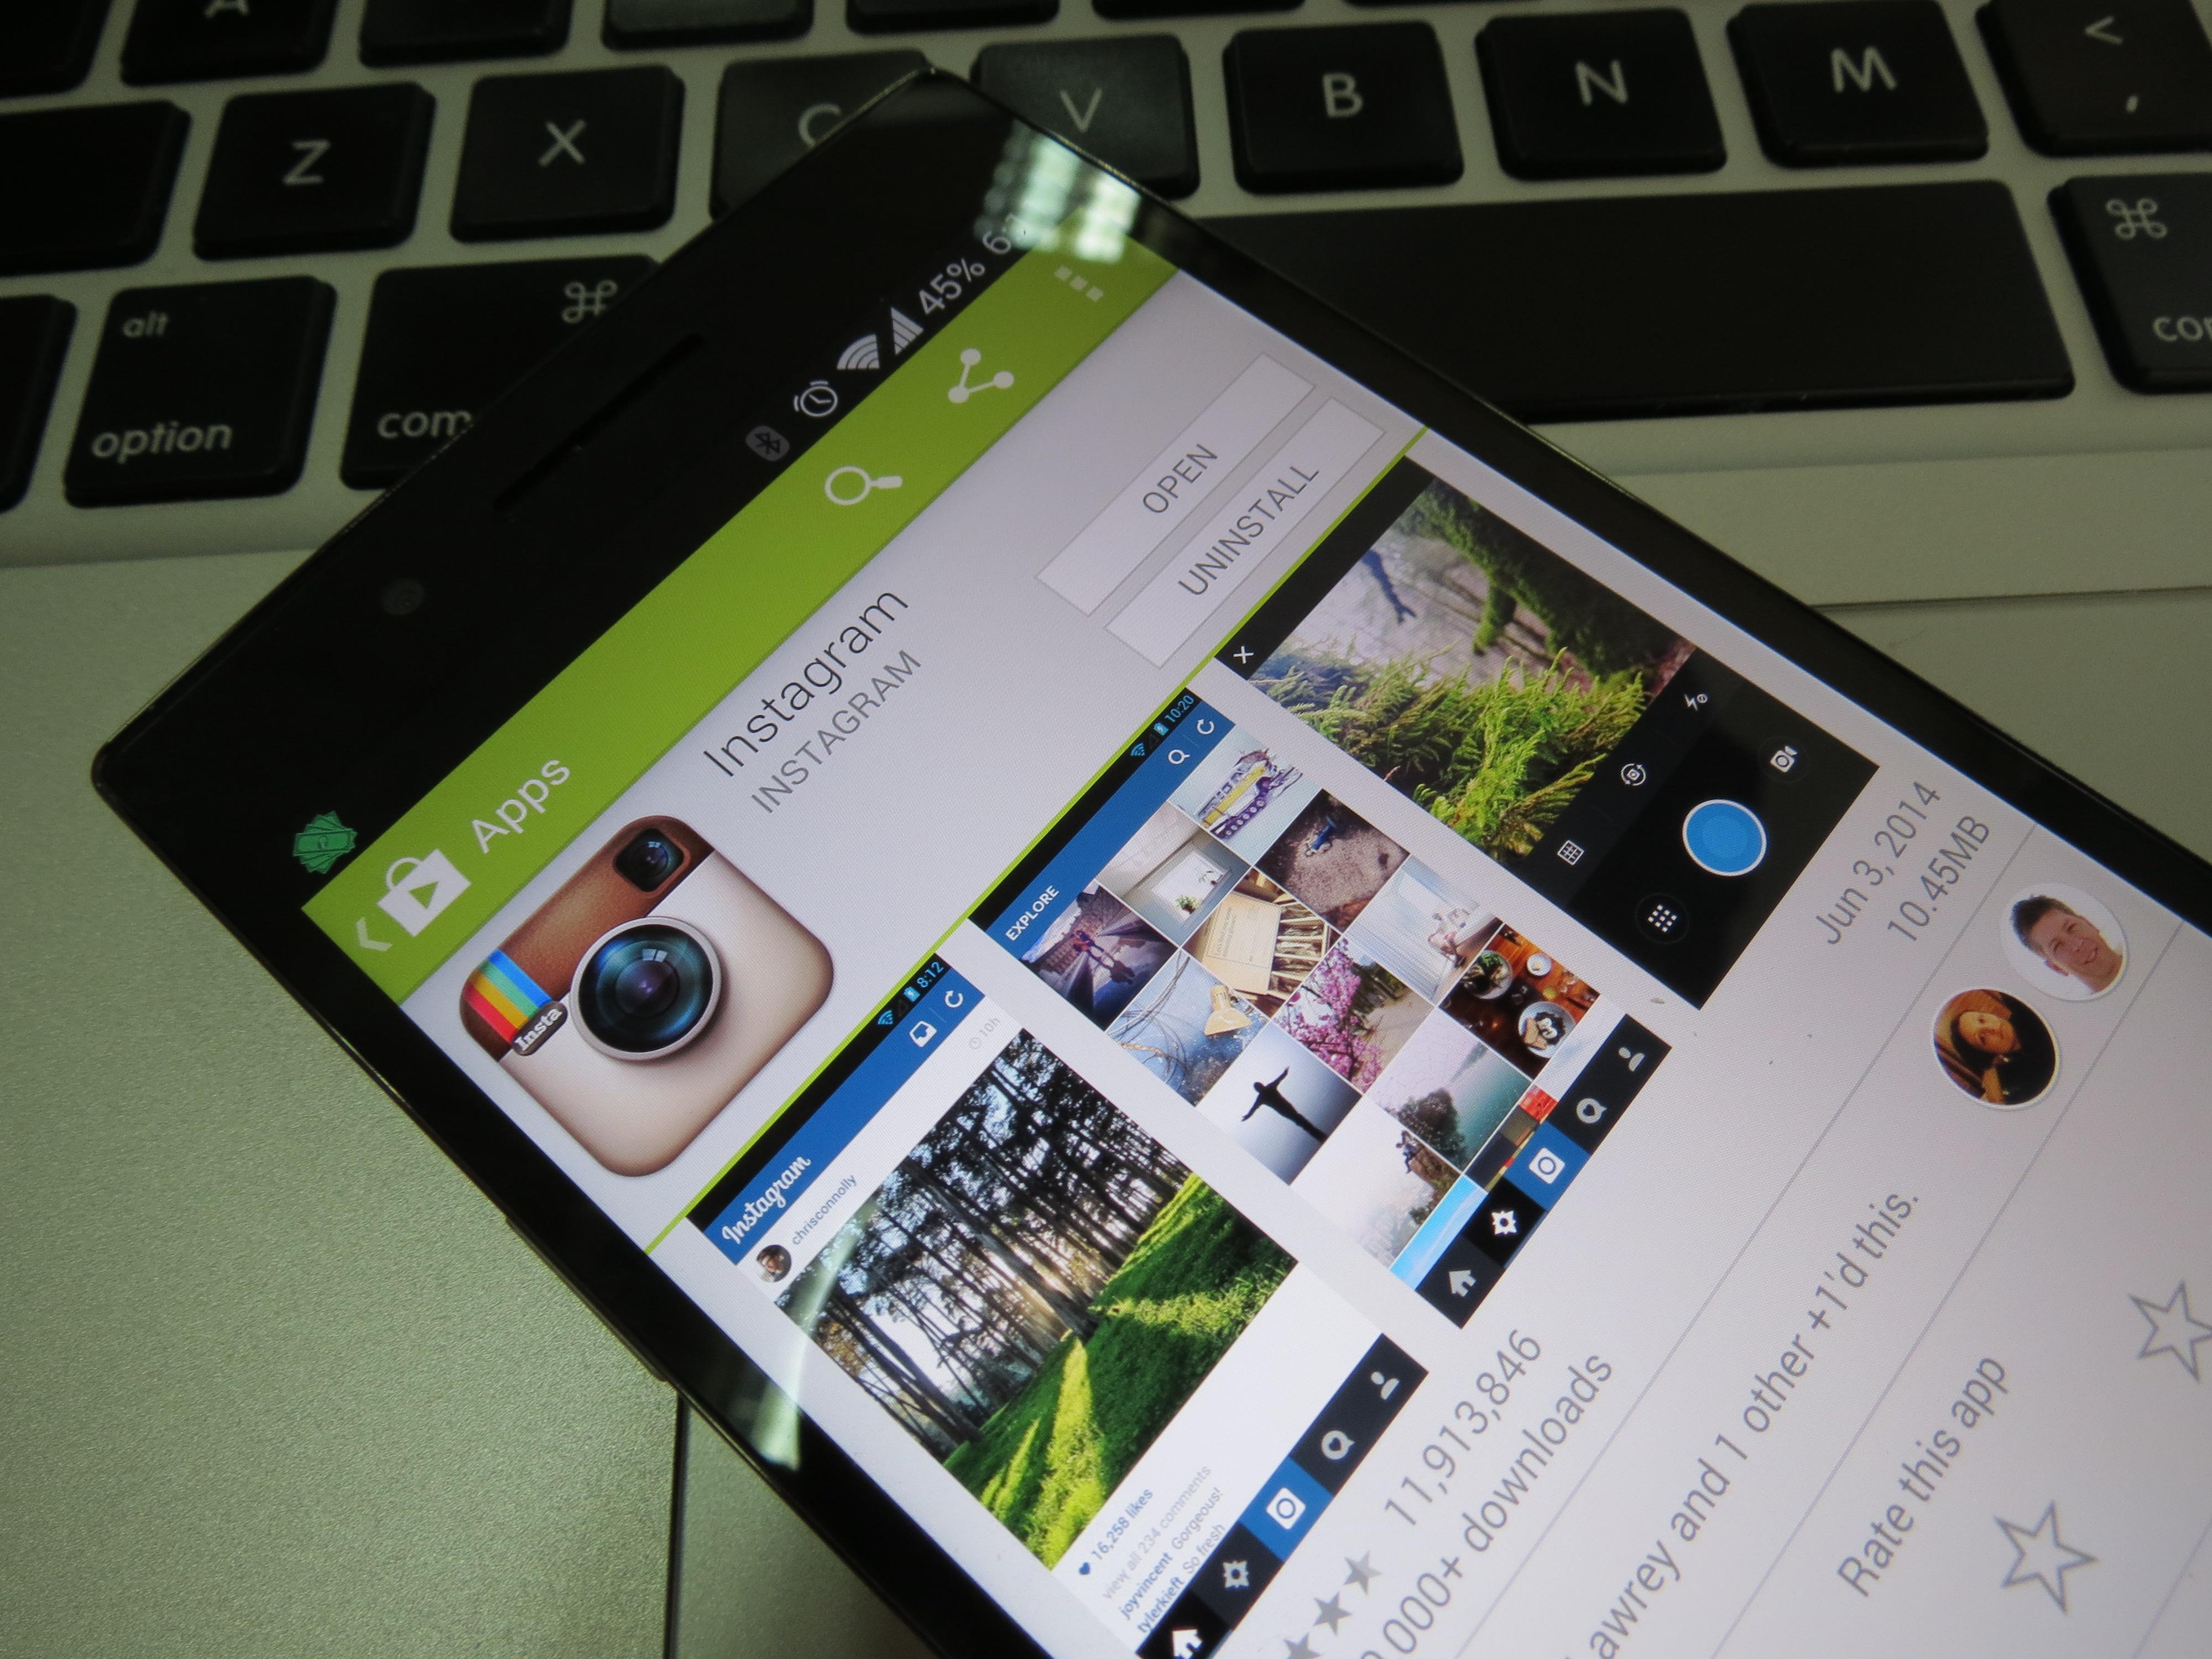 Cum să folosești noile opțiuni Instagram și să obții poza perfectă [VIDEO]